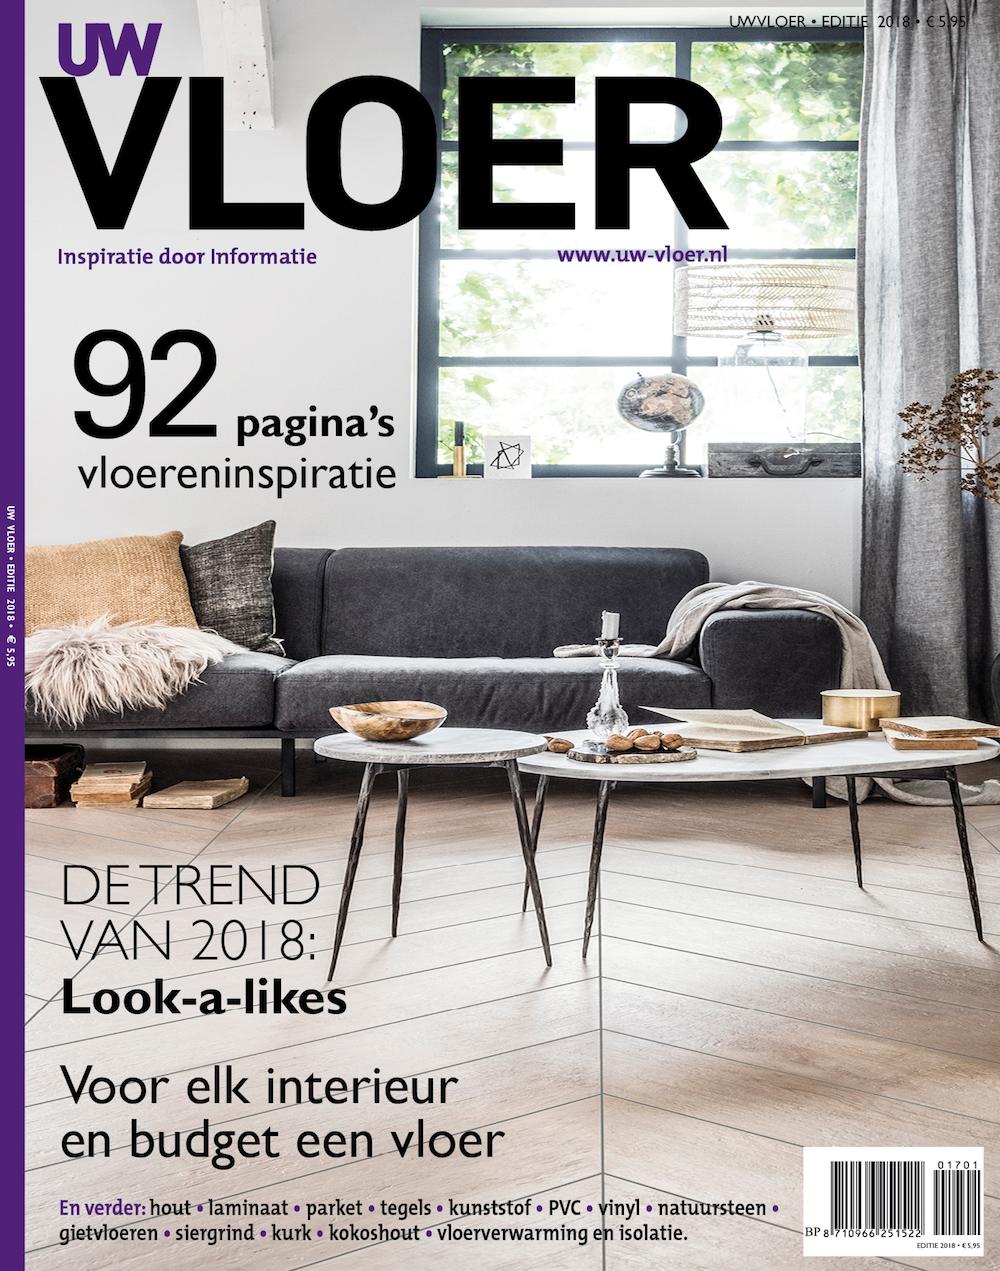 UW Vloer magazine. Op zoek naar een nieuwe vloer? Bekijk de verschillende soorten vloeren en hun eigenschappen. Prachtige foto's, inspiratie en mooie producten #vloer #interieur #houtenvloer #natuursteen #vloertegels